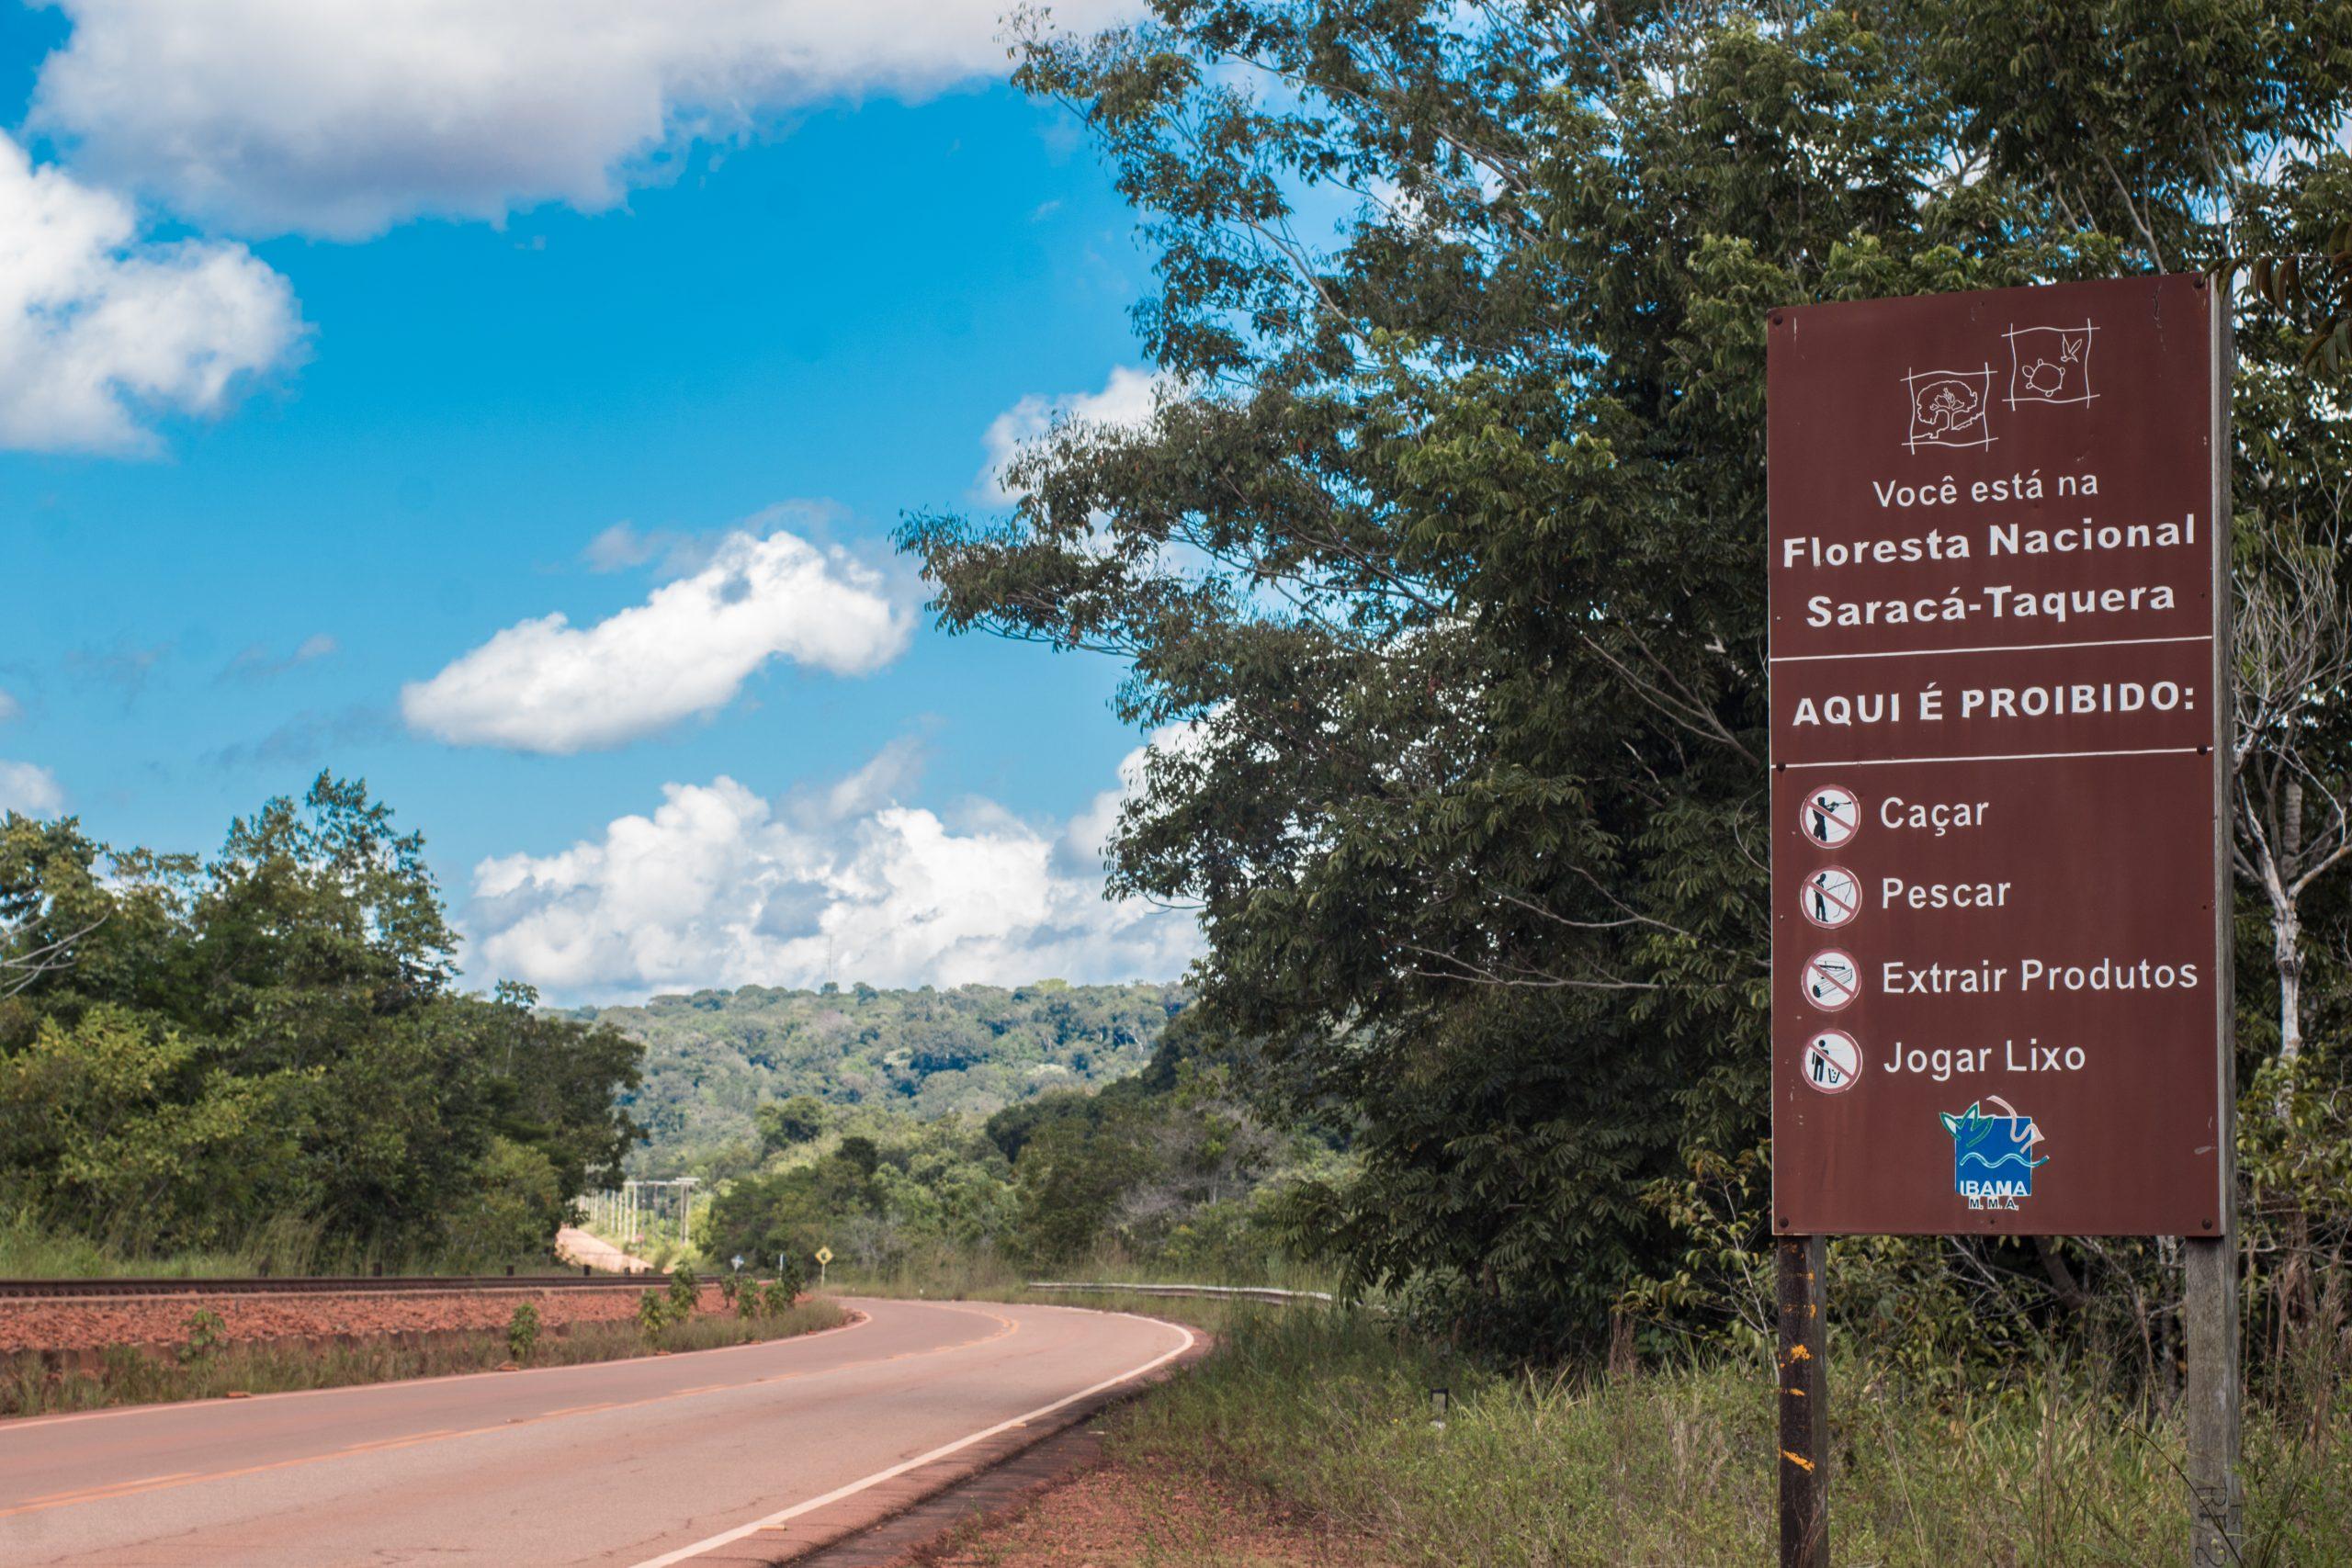 Floresta Nacional de Saracá-Taquera